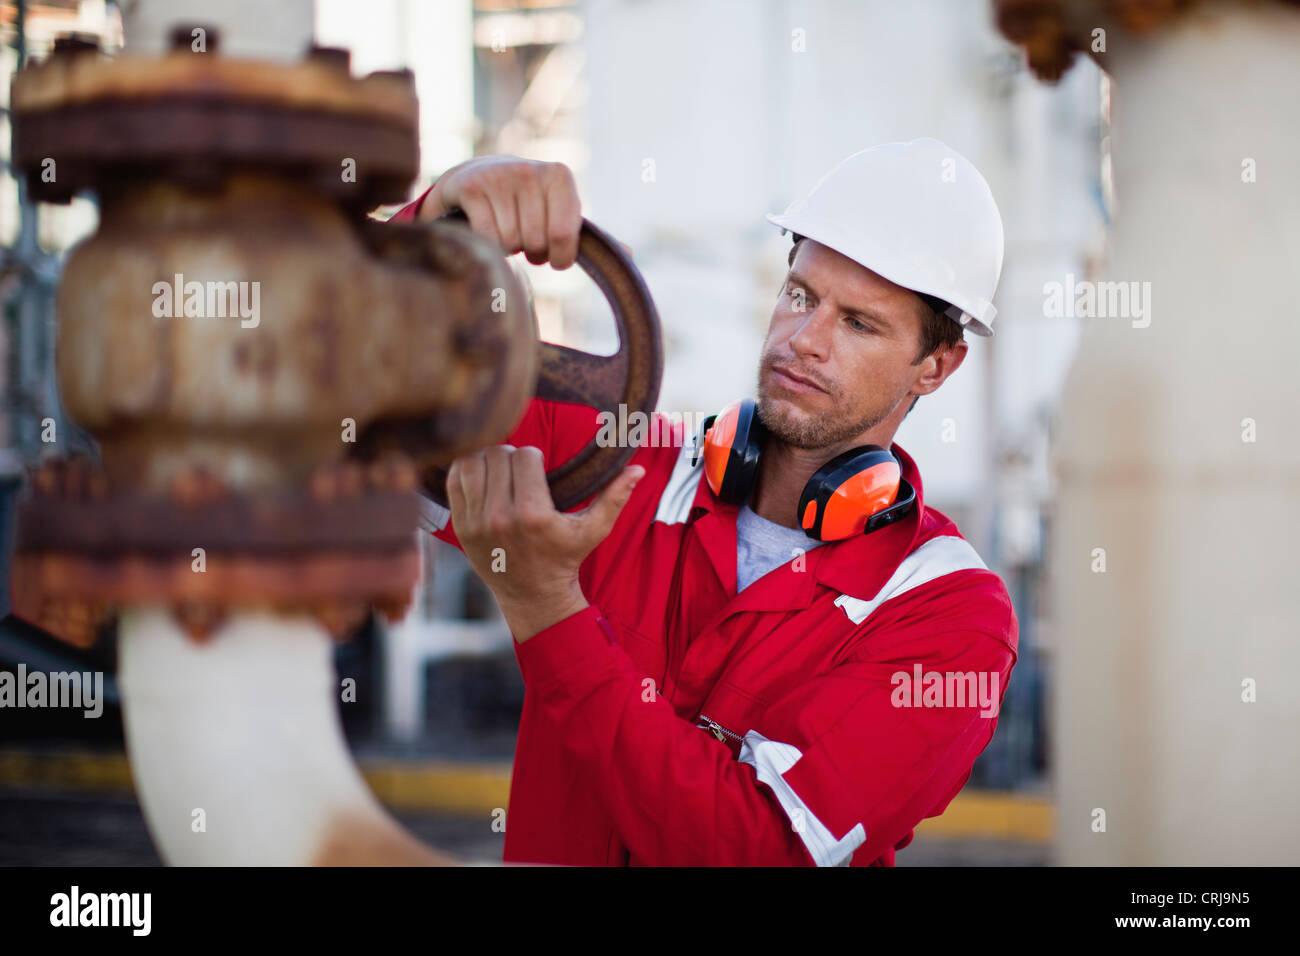 Lavoratore regolare il manometro a impianto chimico Immagini Stock